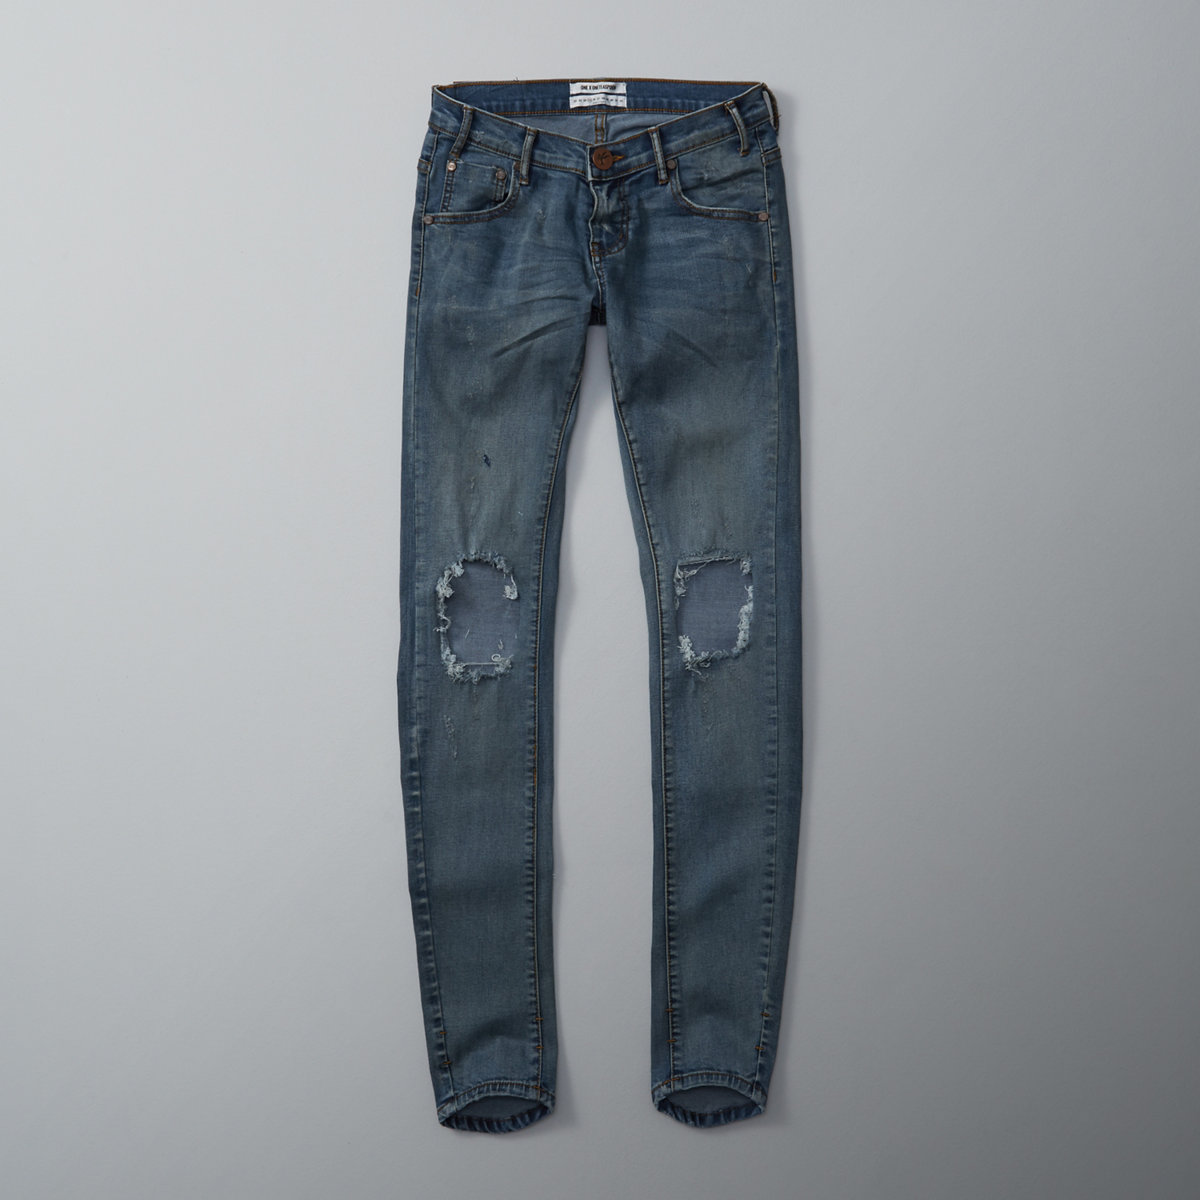 One Teaspoon Loonies Skinny Jeans